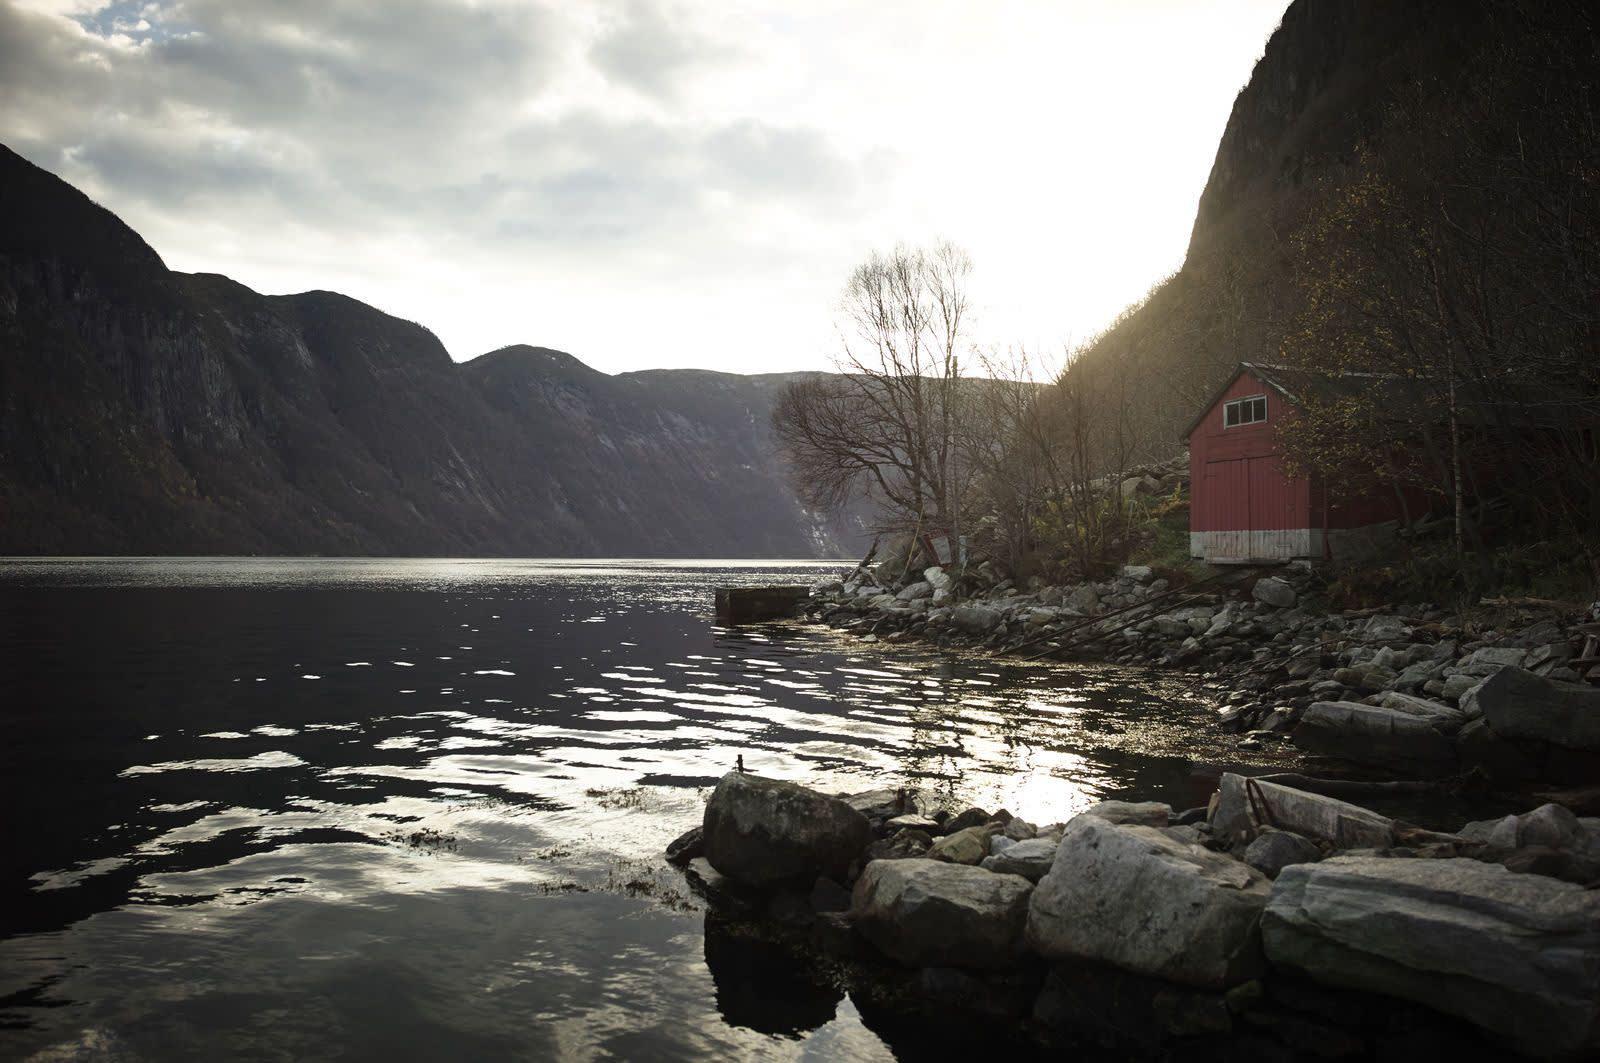 Et rødt naust ligger ved kanten av en fjord, omgitt av fjellvegger. Foto: Øivind Haug